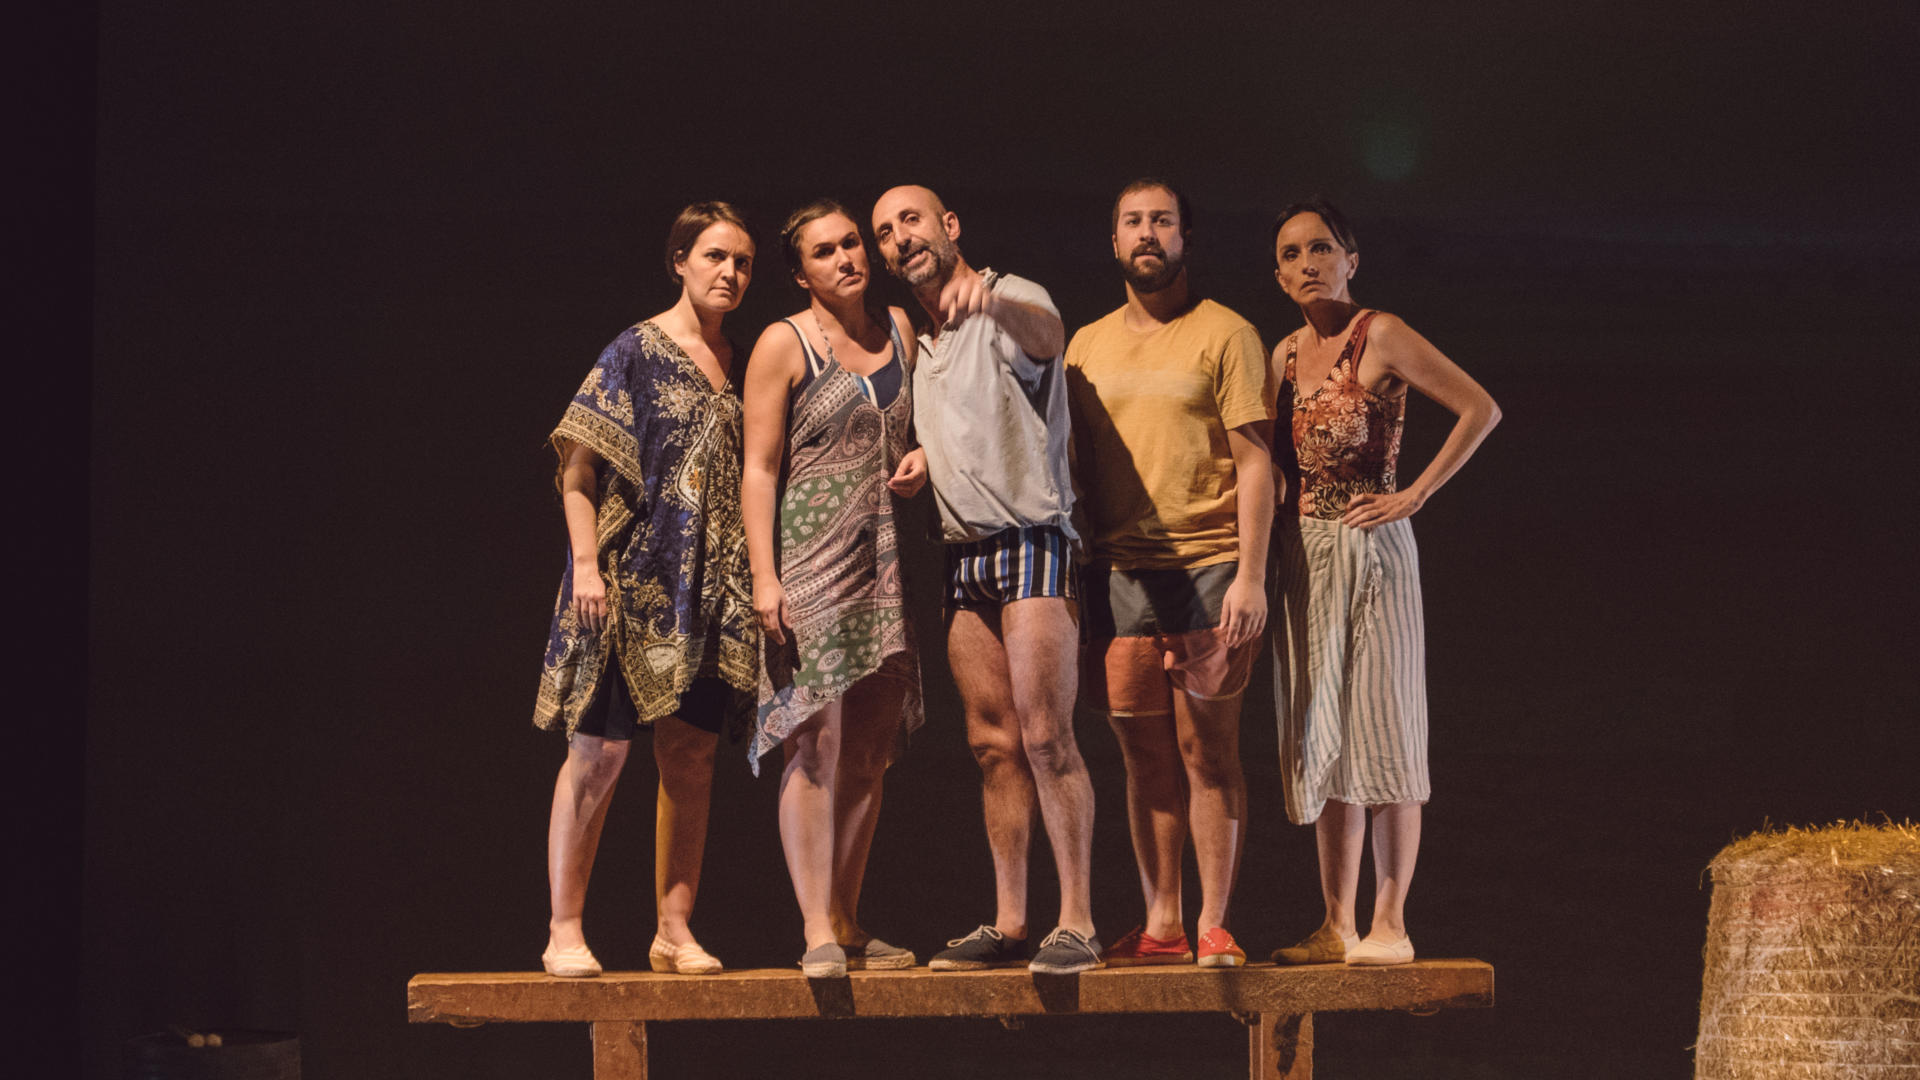 Toni Gomila (al centre) ha estrenat aquesta temporada 'Rostoll cremat' al Teatre Principal, amb direcció d'Oriol Broggi. Al juliol es podrà veure al Festival Grec, a Barcelona